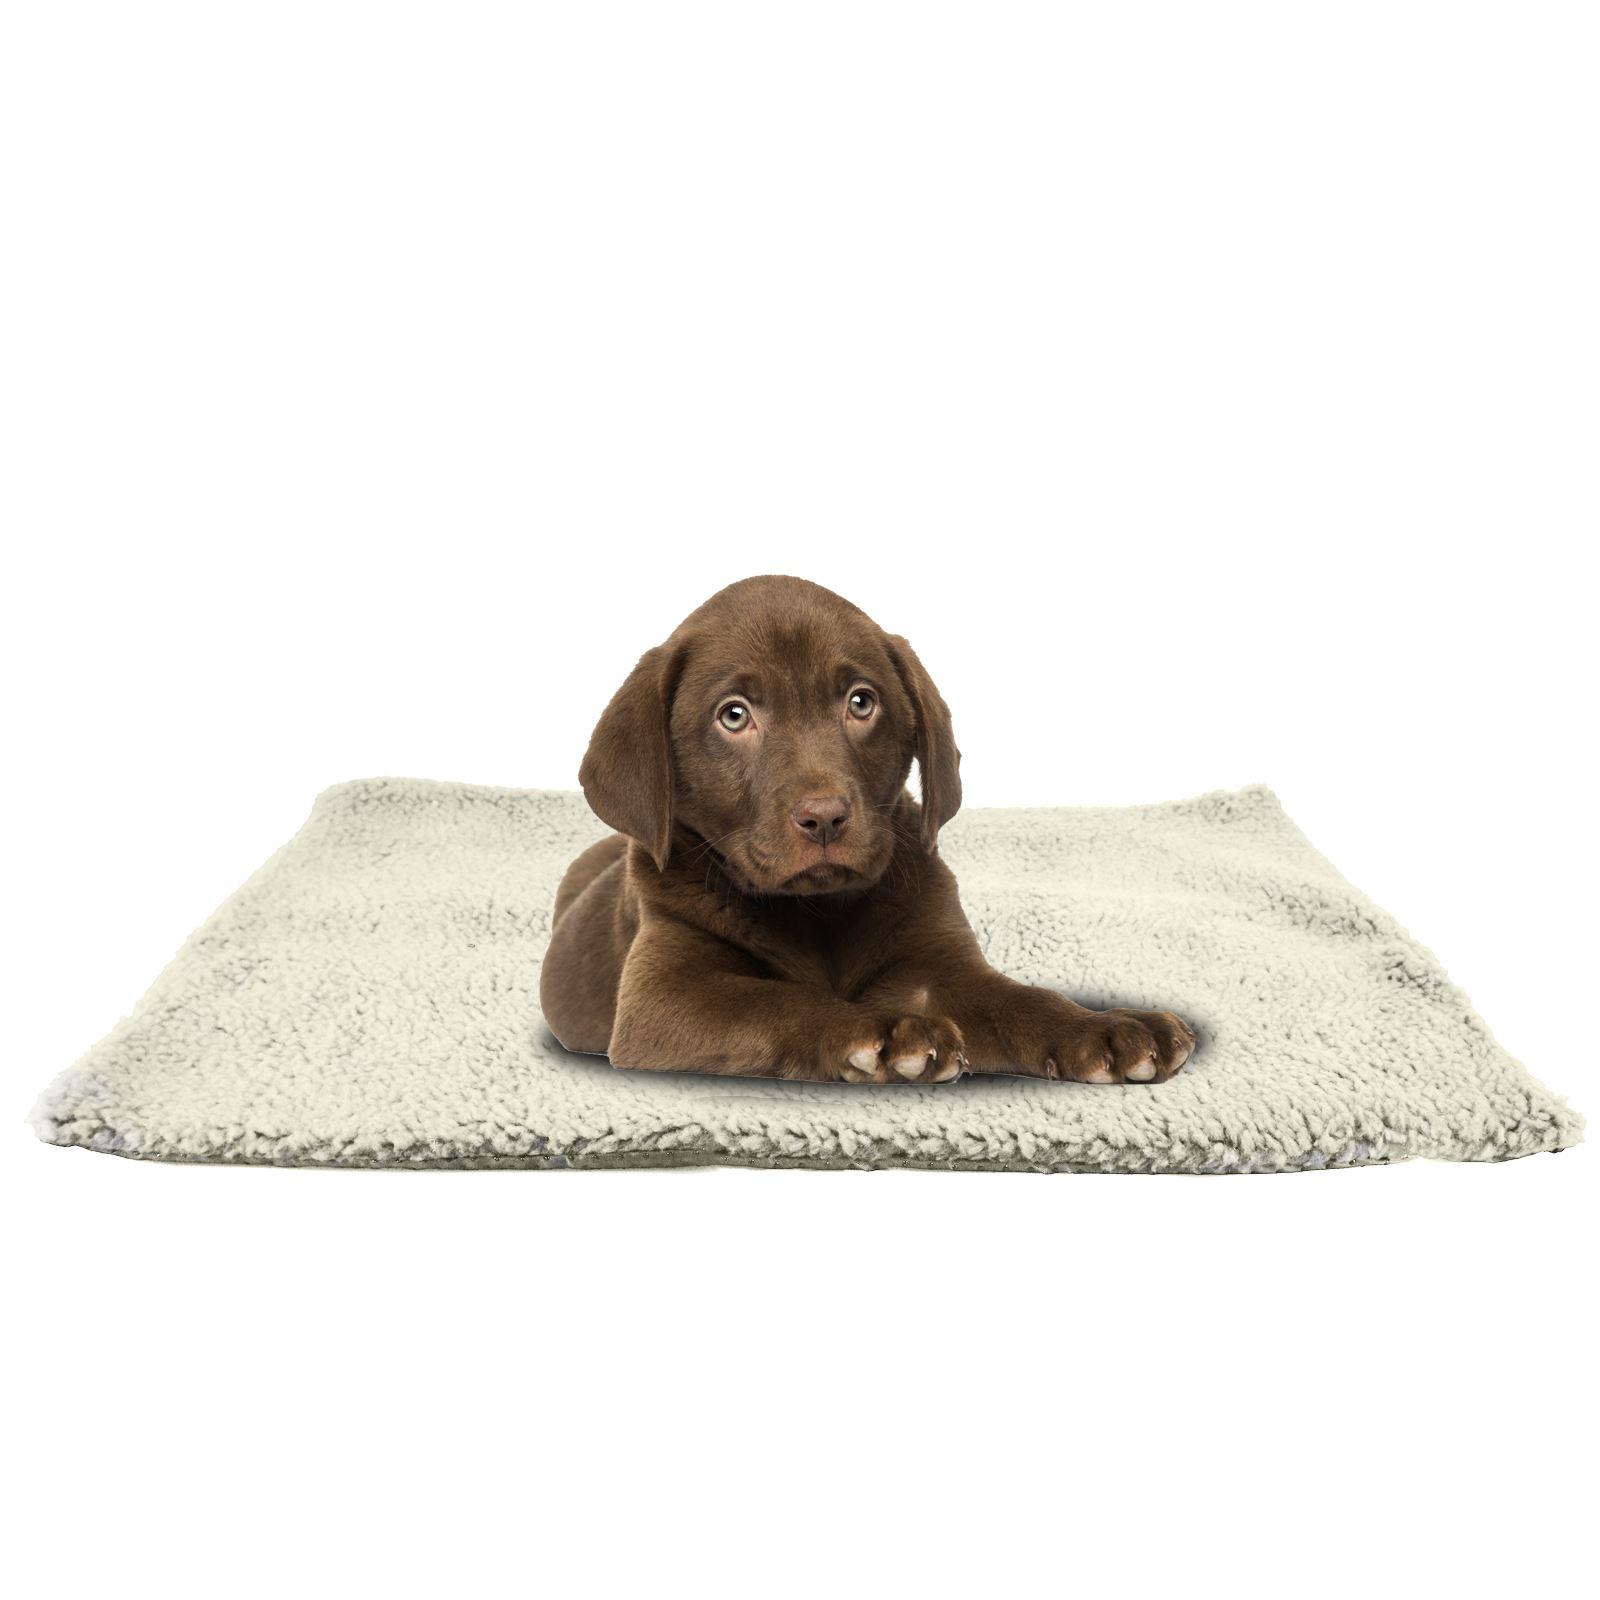 Dog On The Rug